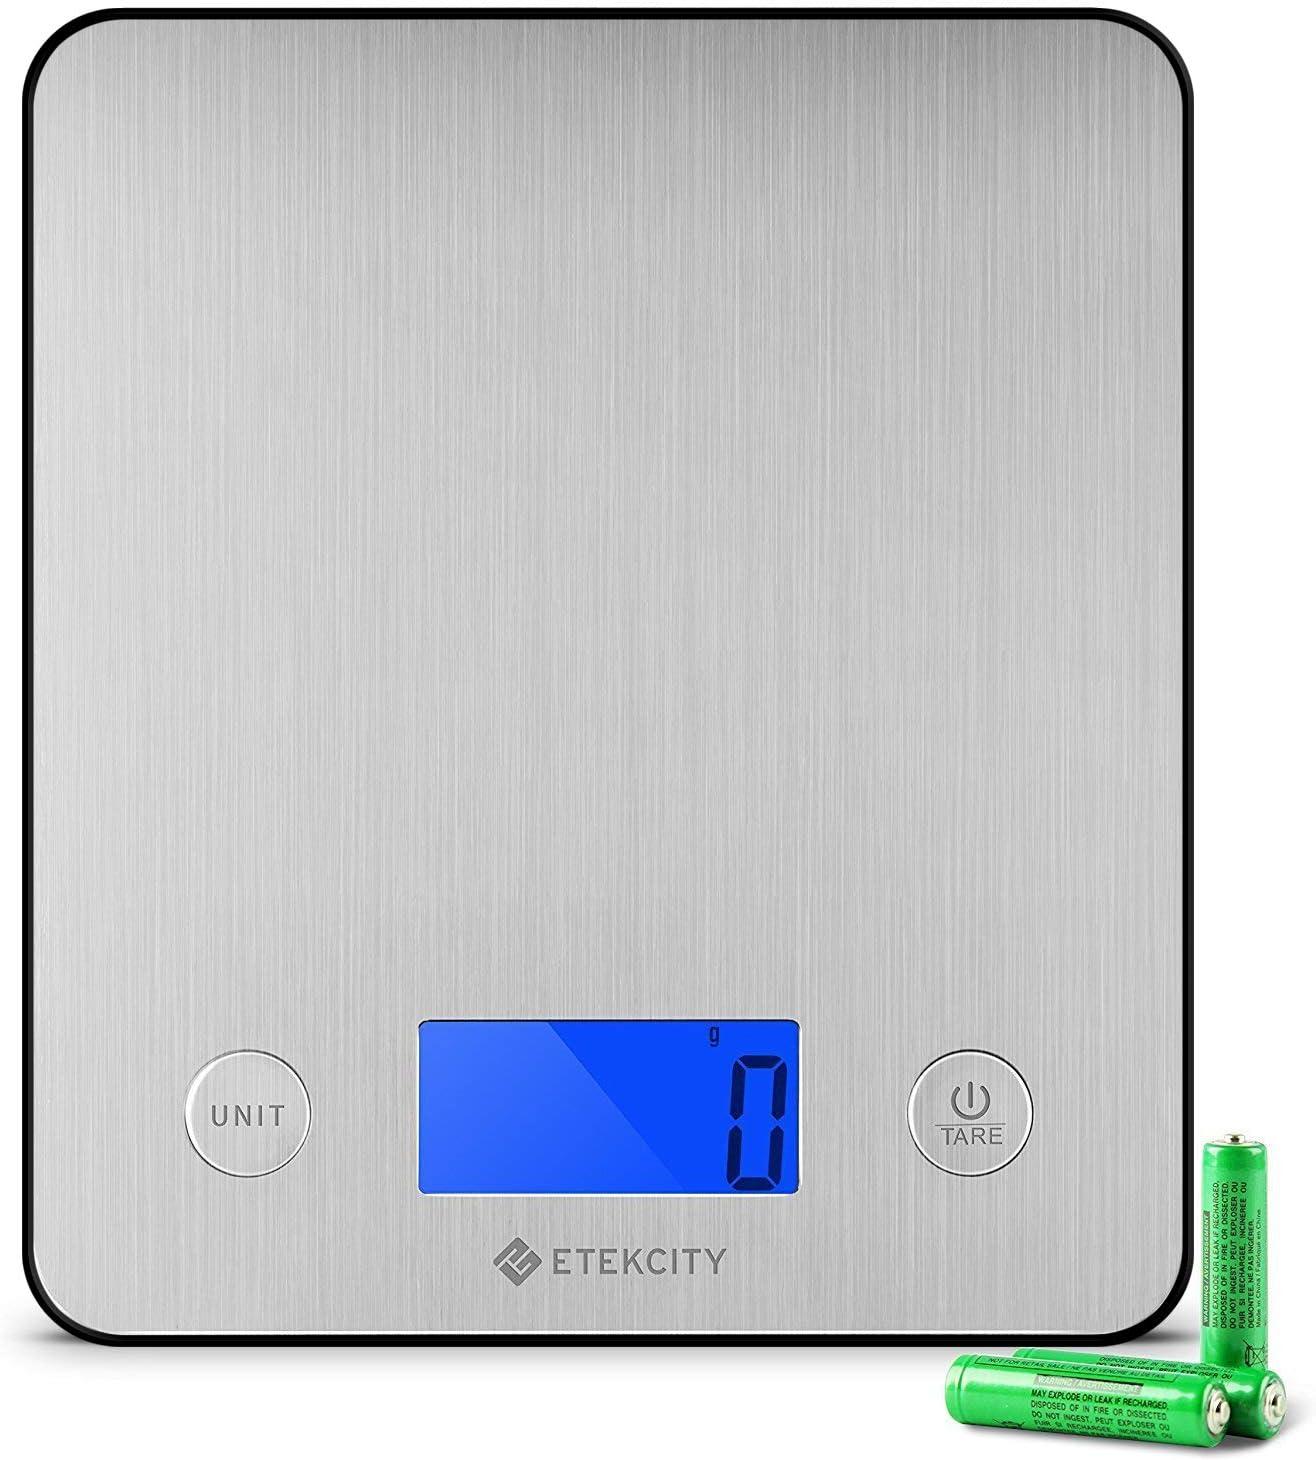 Etekcity Báscula Digital para Cocina, Básculas para Cocina de Acero Inoxidable Electrónicas con un más de 30% Exhibición de Plataforma y Retroiluminación, 11 lb / 5 kg, Diseño Ultra Delgado, Plateado